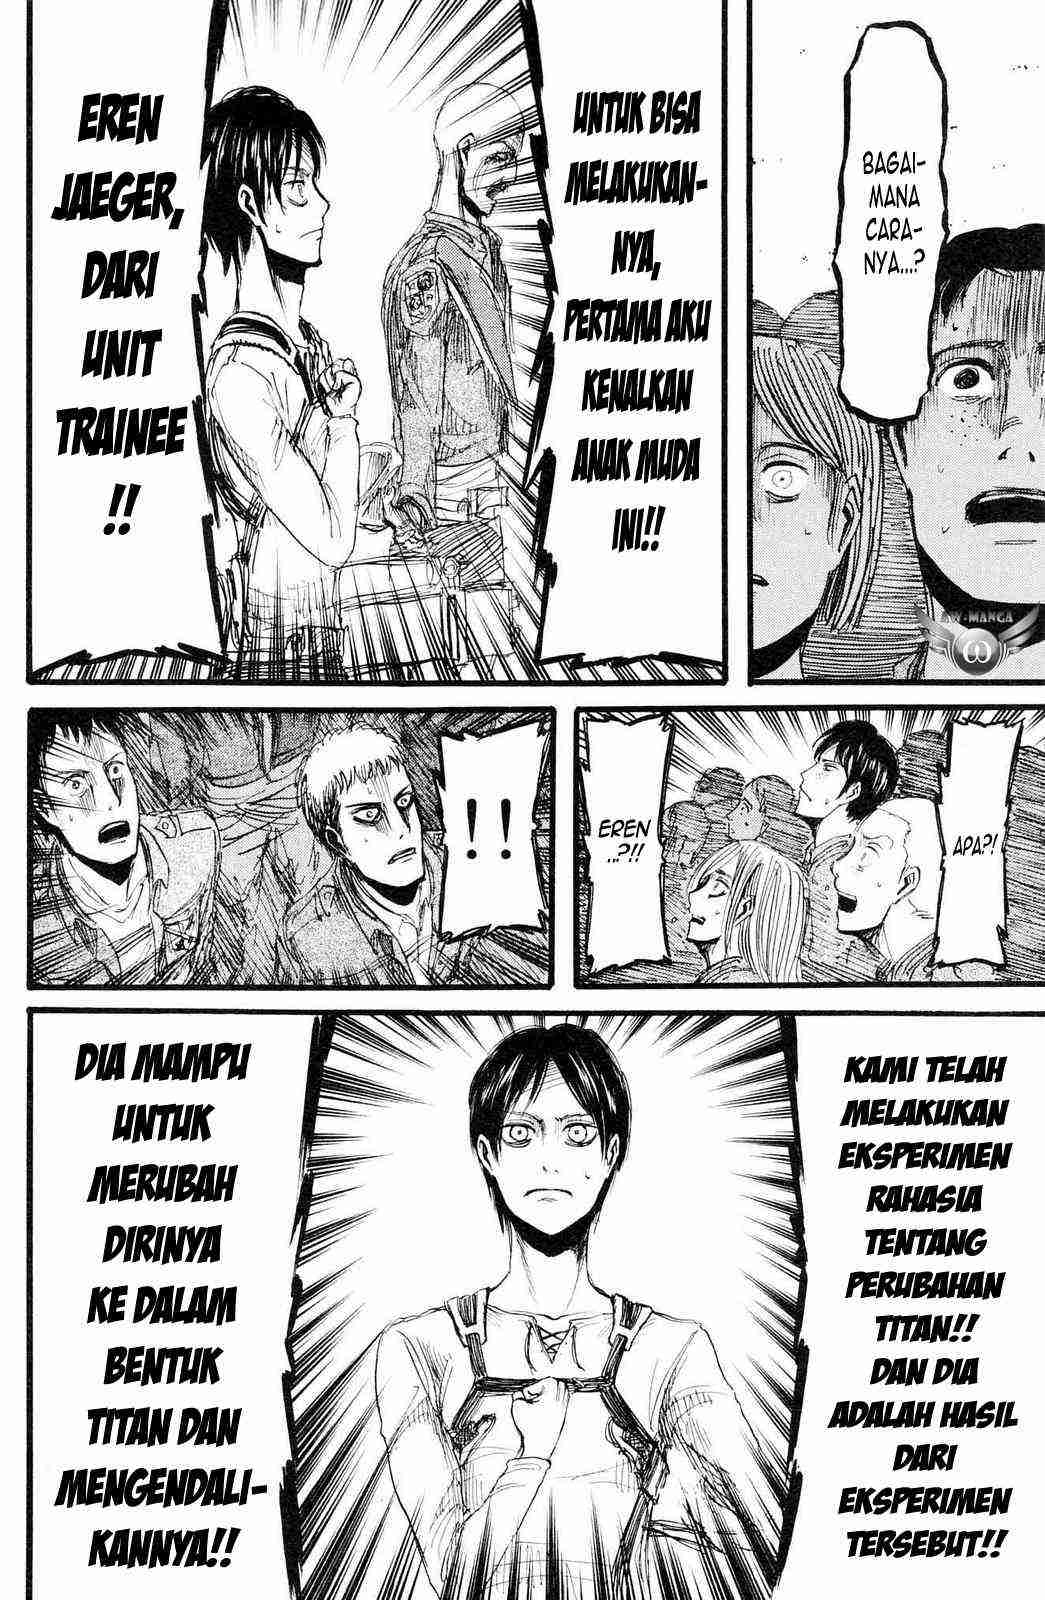 Komik shingeki no kyojin 012 13 Indonesia shingeki no kyojin 012 Terbaru 21|Baca Manga Komik Indonesia|